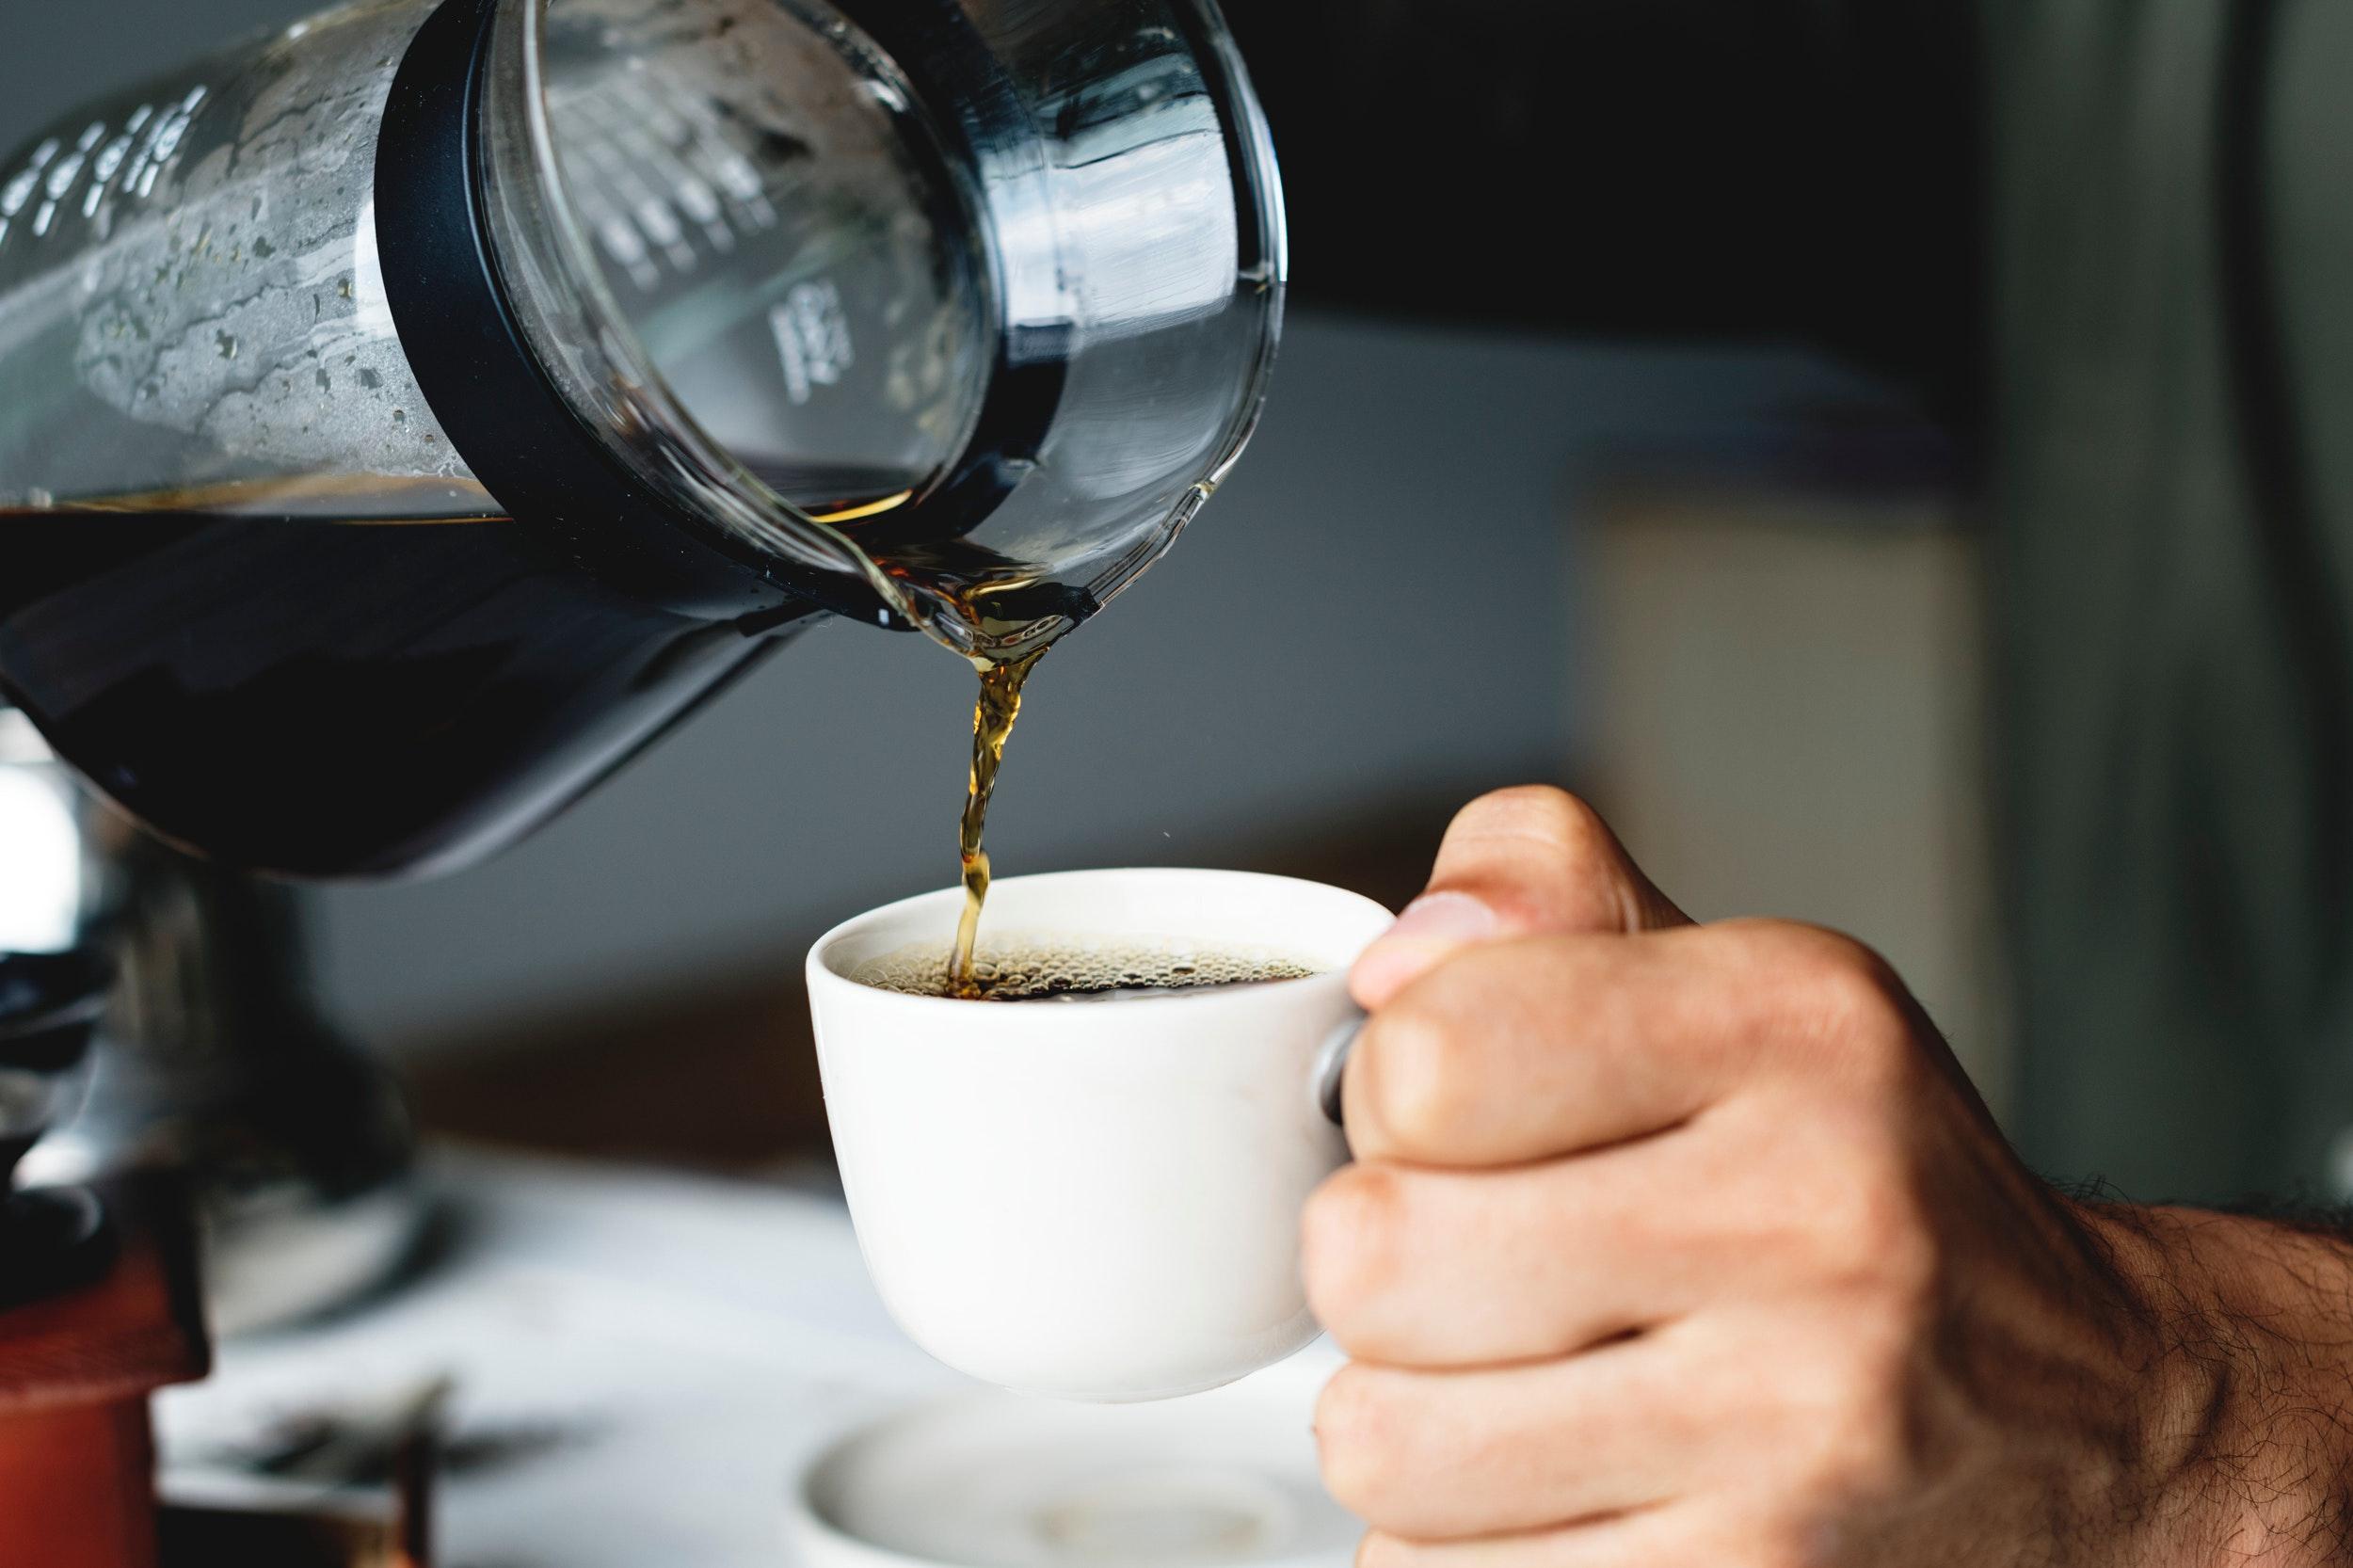 beverage-black-coffee-blur-990816.jpg